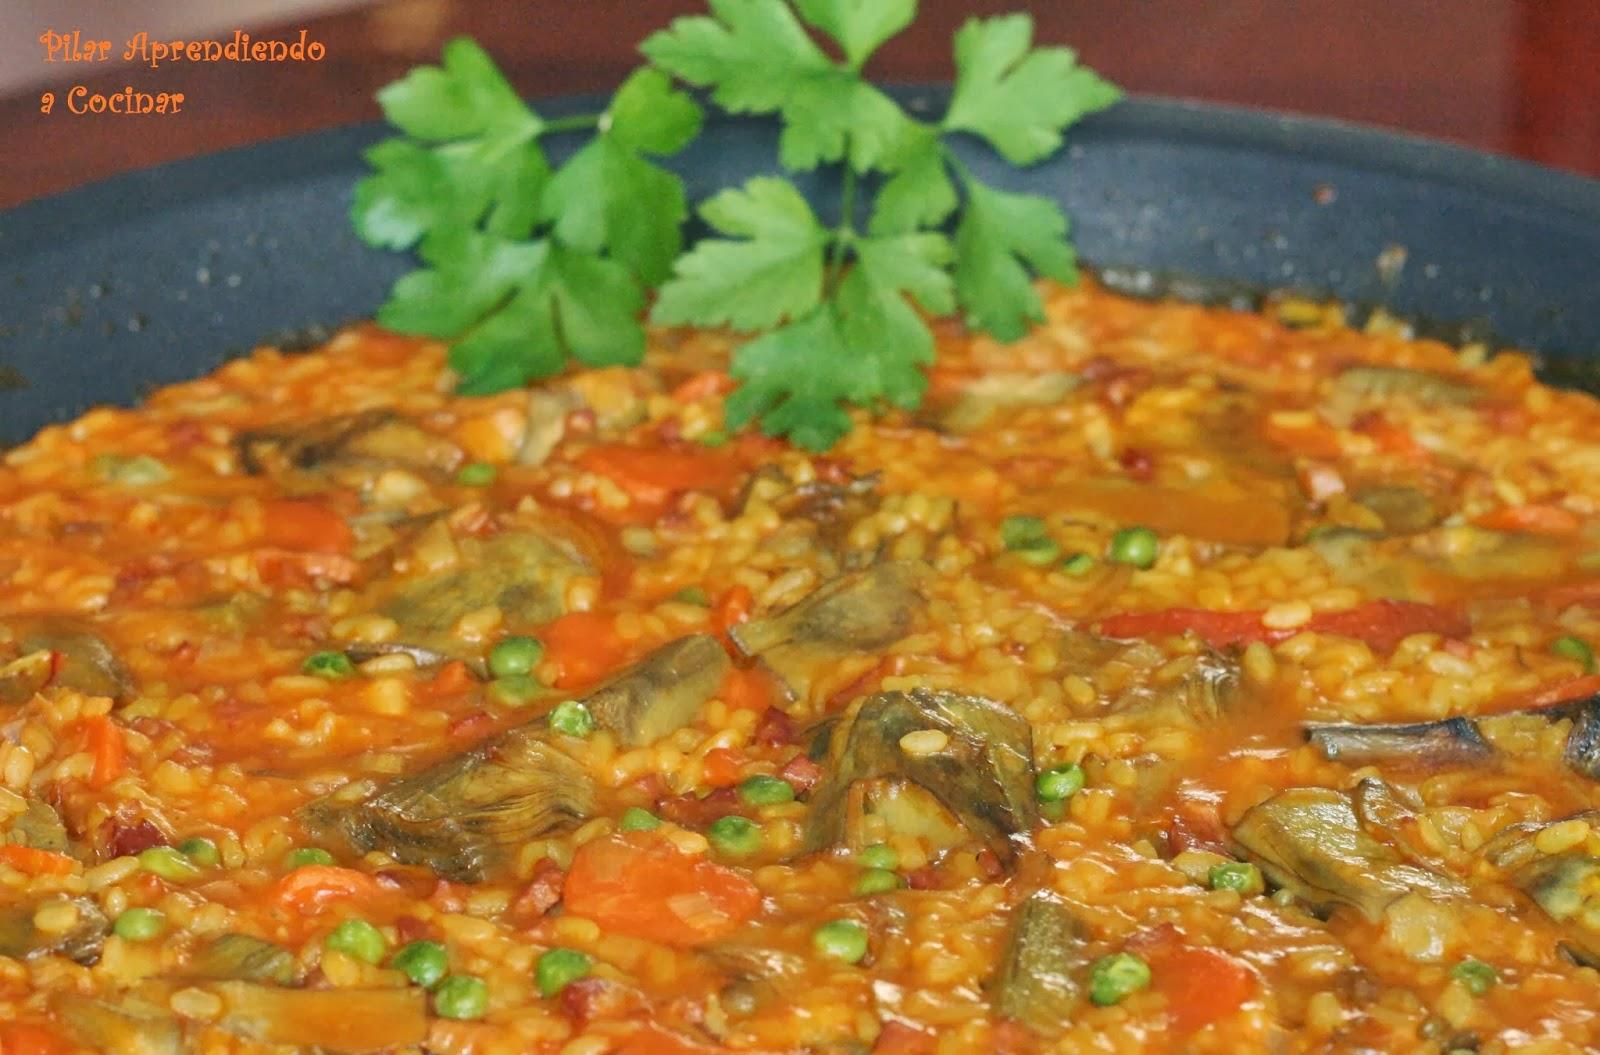 Aprendiendo a cocinar arroz con alcachofas y jam n for Cocinar alcachofas